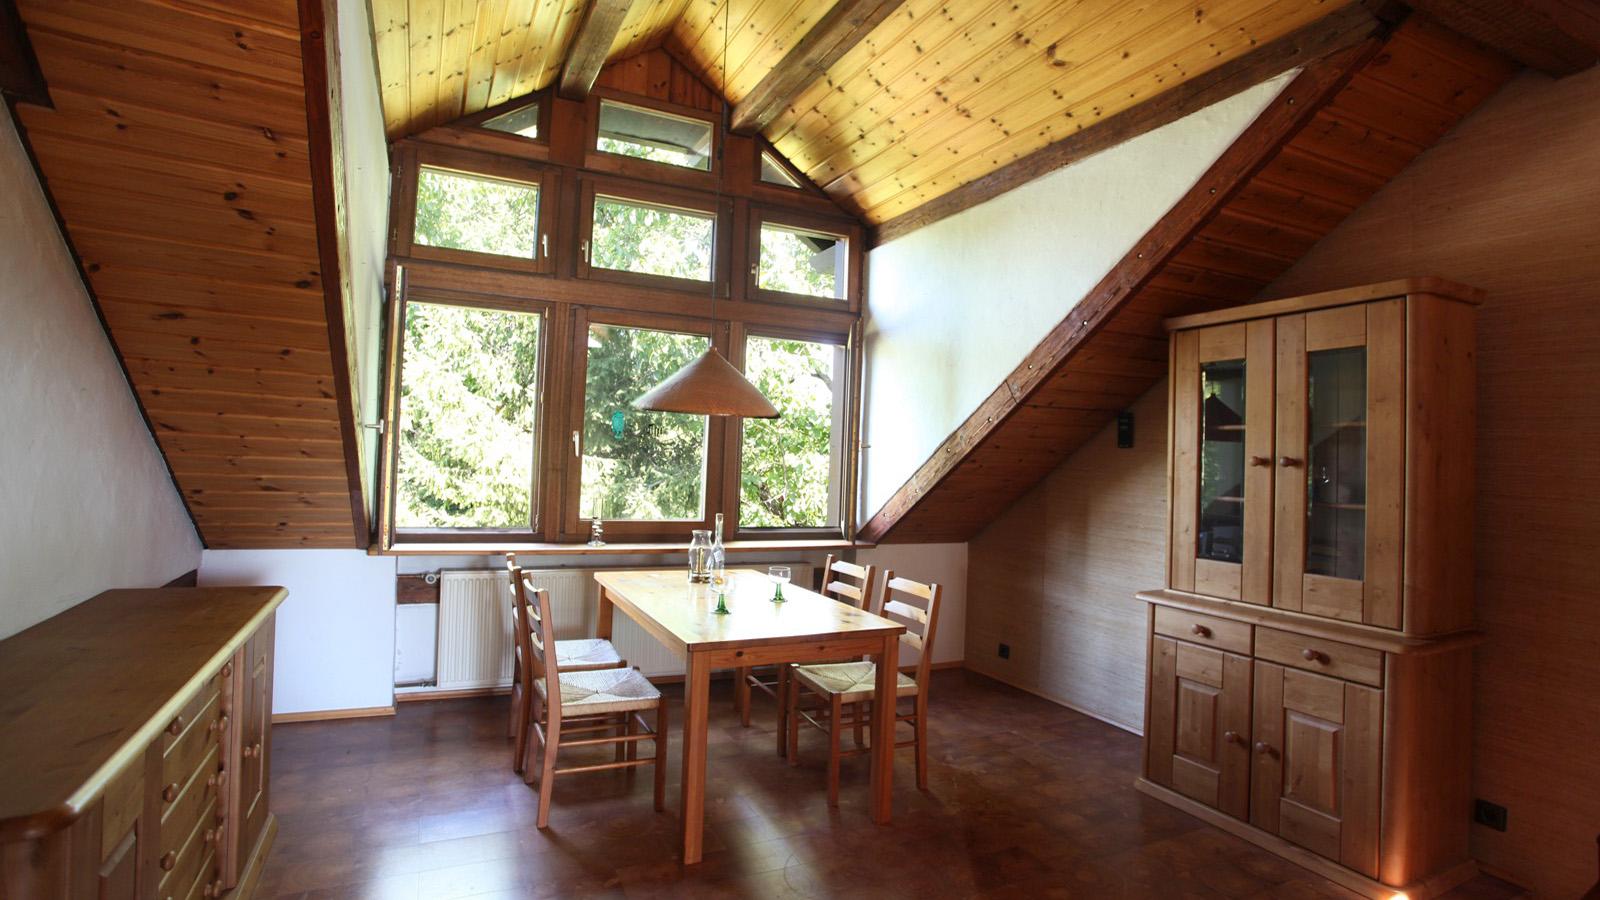 Großes helles Wohn- und Esszimmer in der Ferienwohnung Roos Konstanz Bodensee